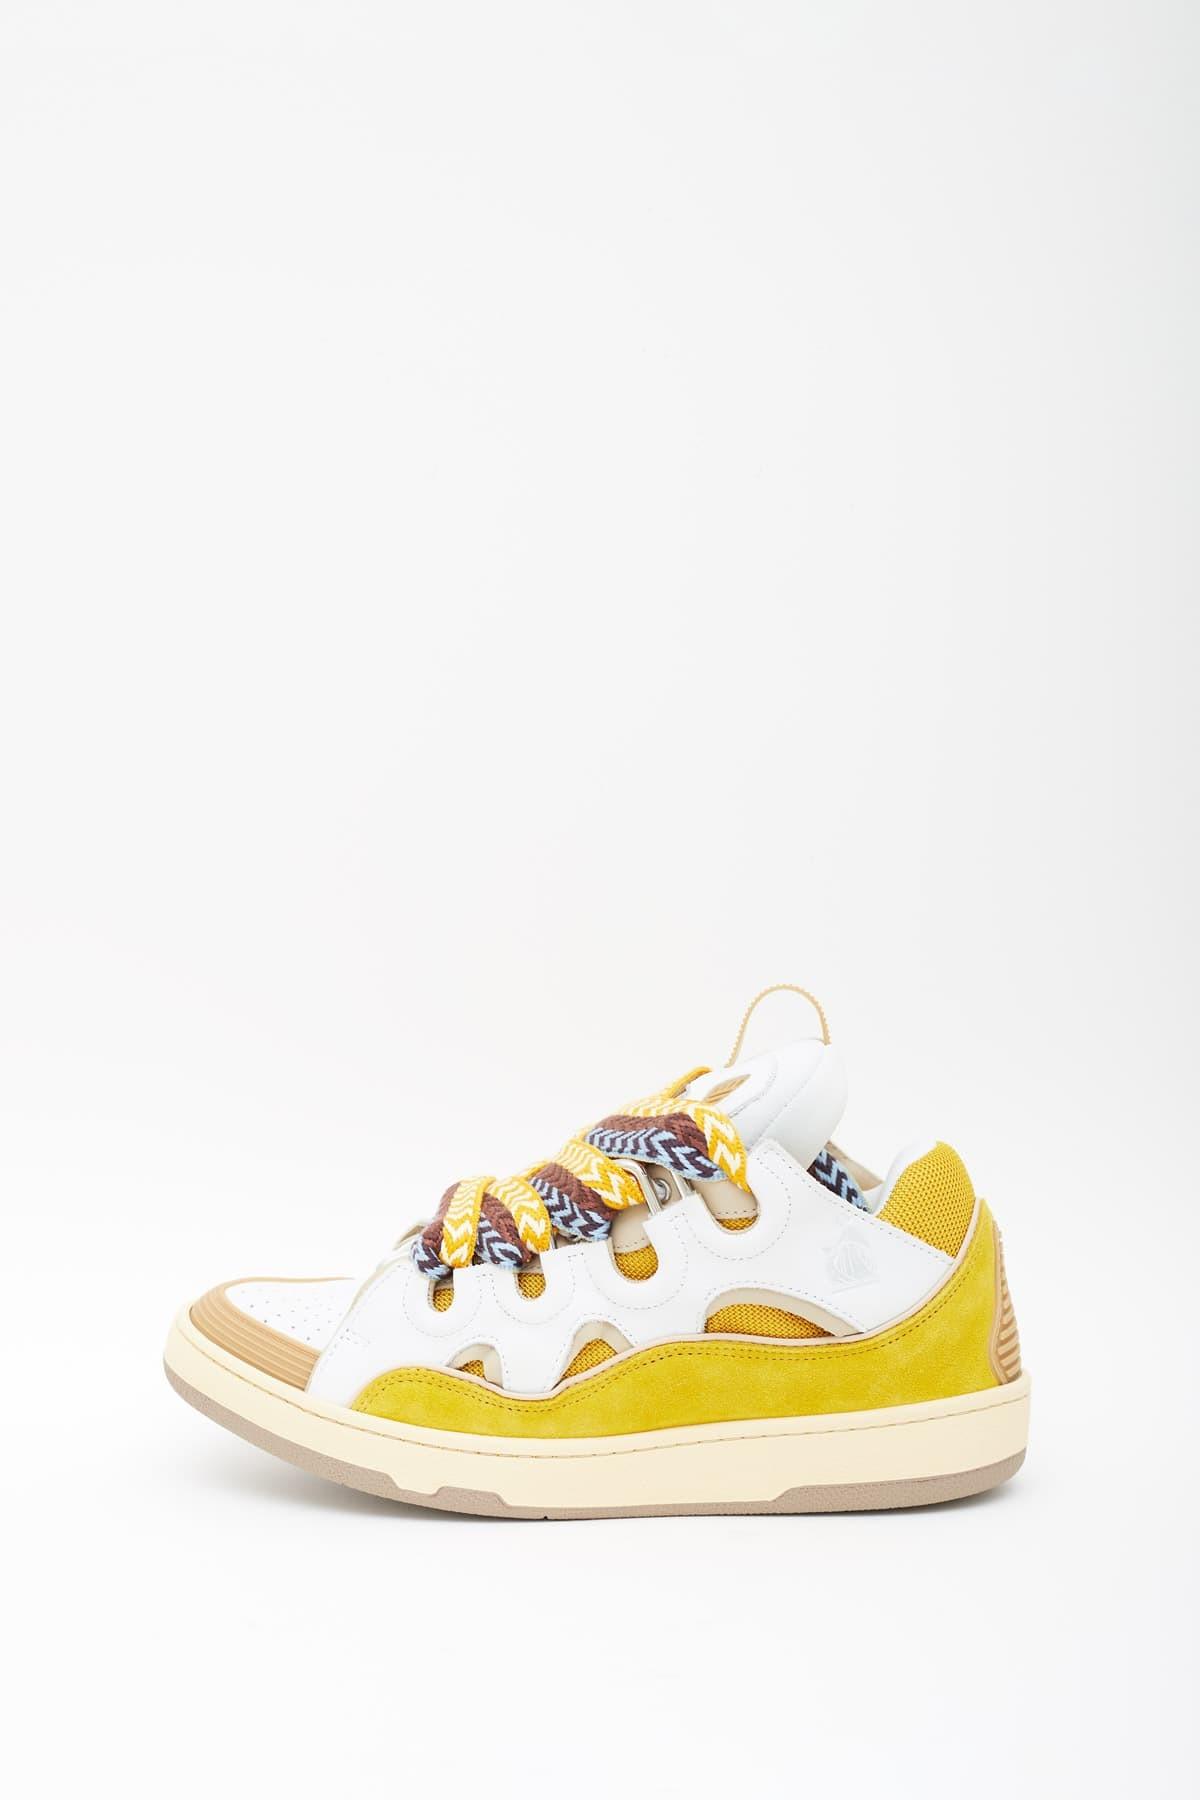 Shop Carhartt Wip Winter Sun Allen Sweater